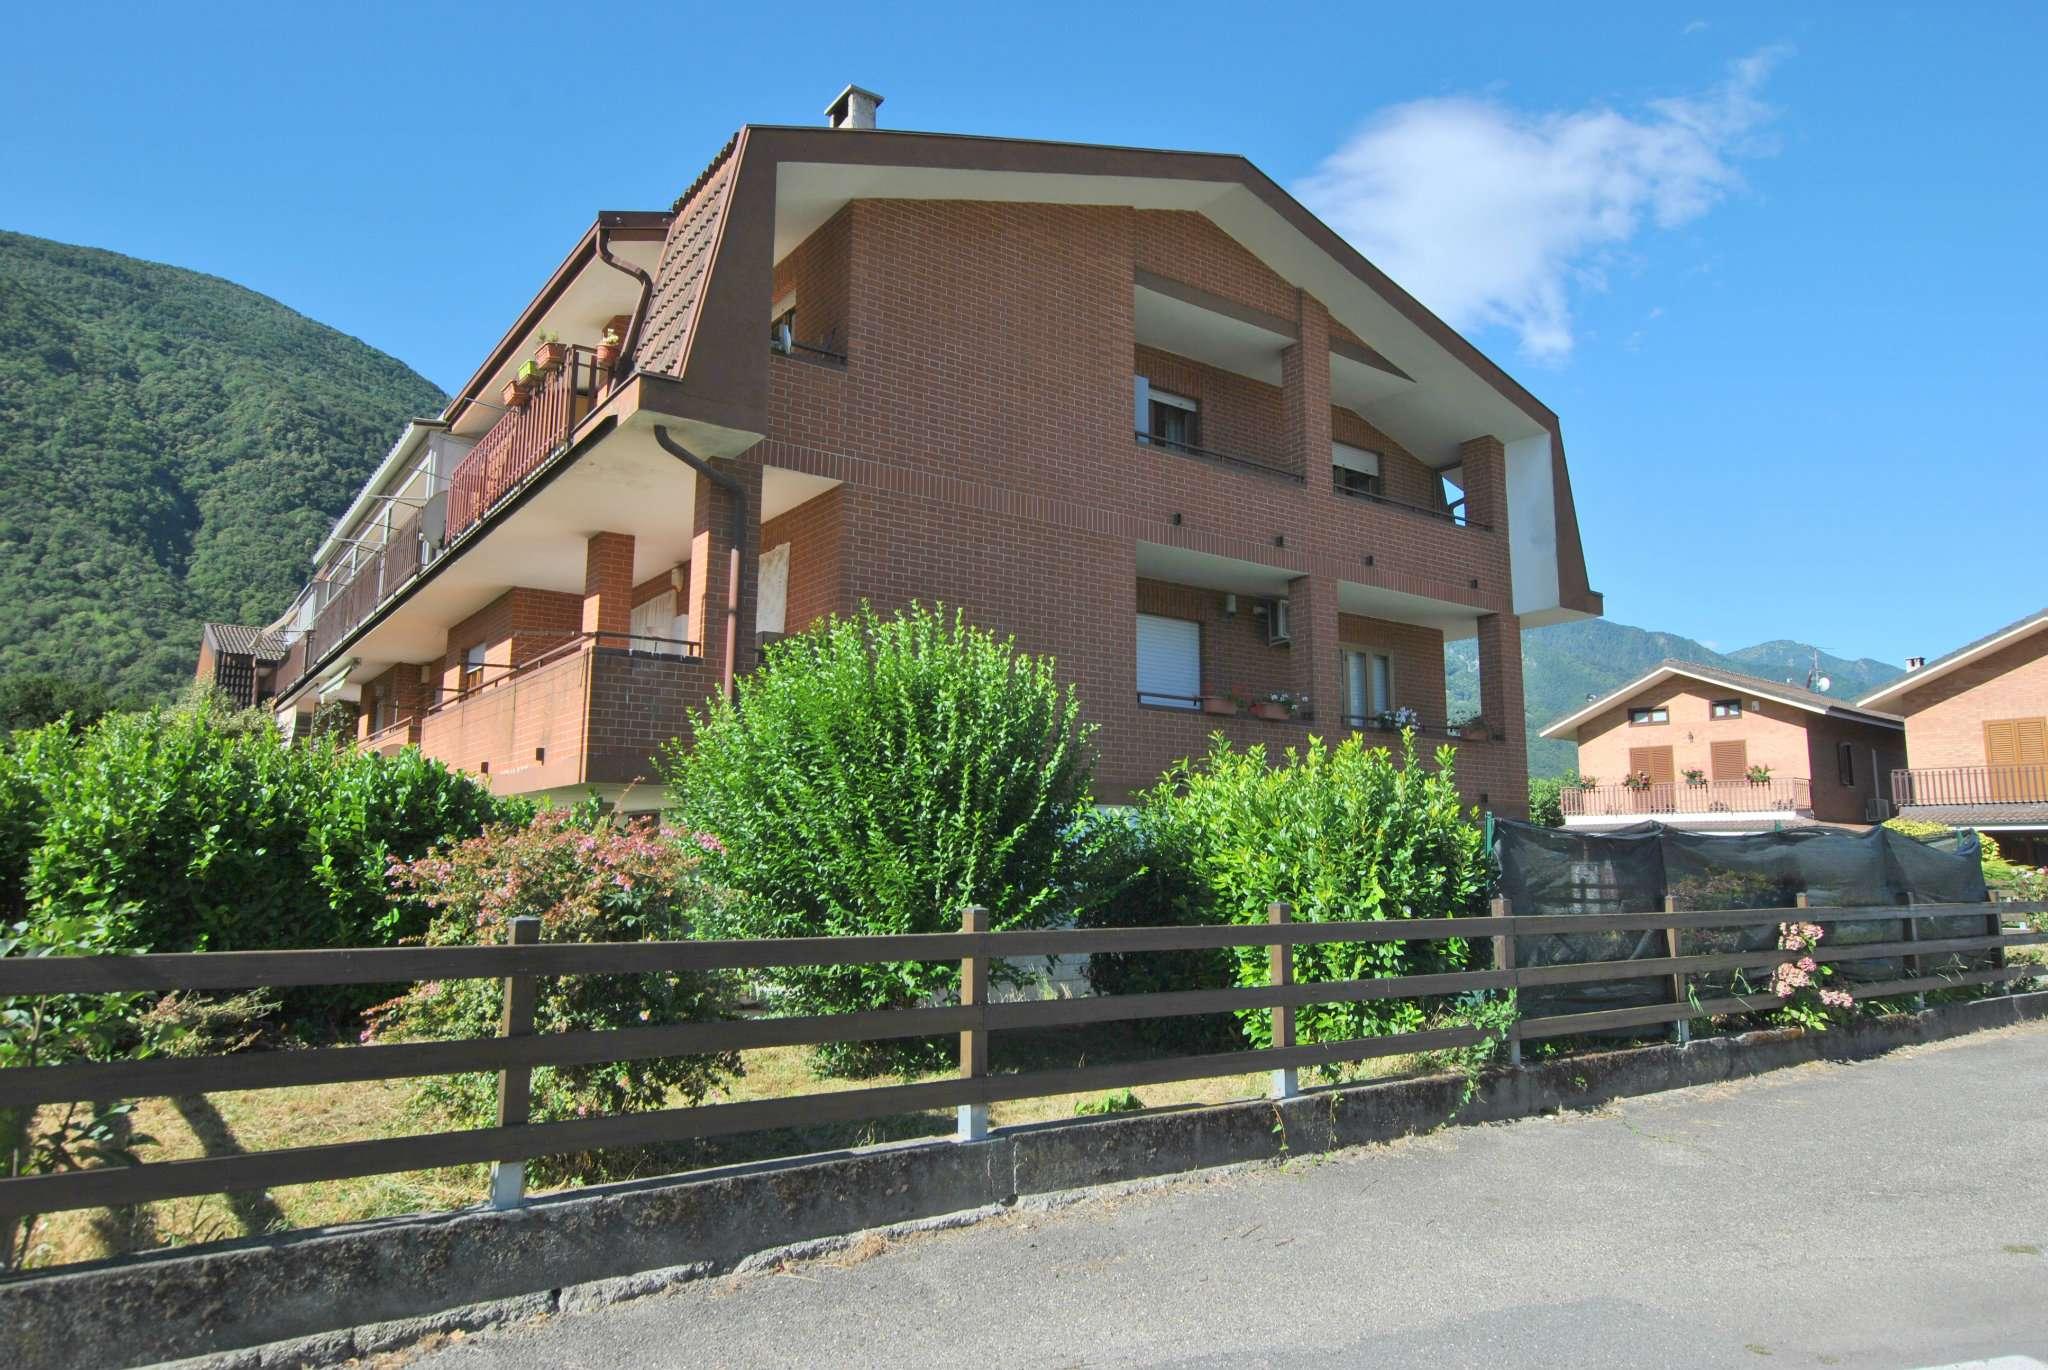 Appartamento in vendita a Vaie, 3 locali, prezzo € 85.000 | CambioCasa.it